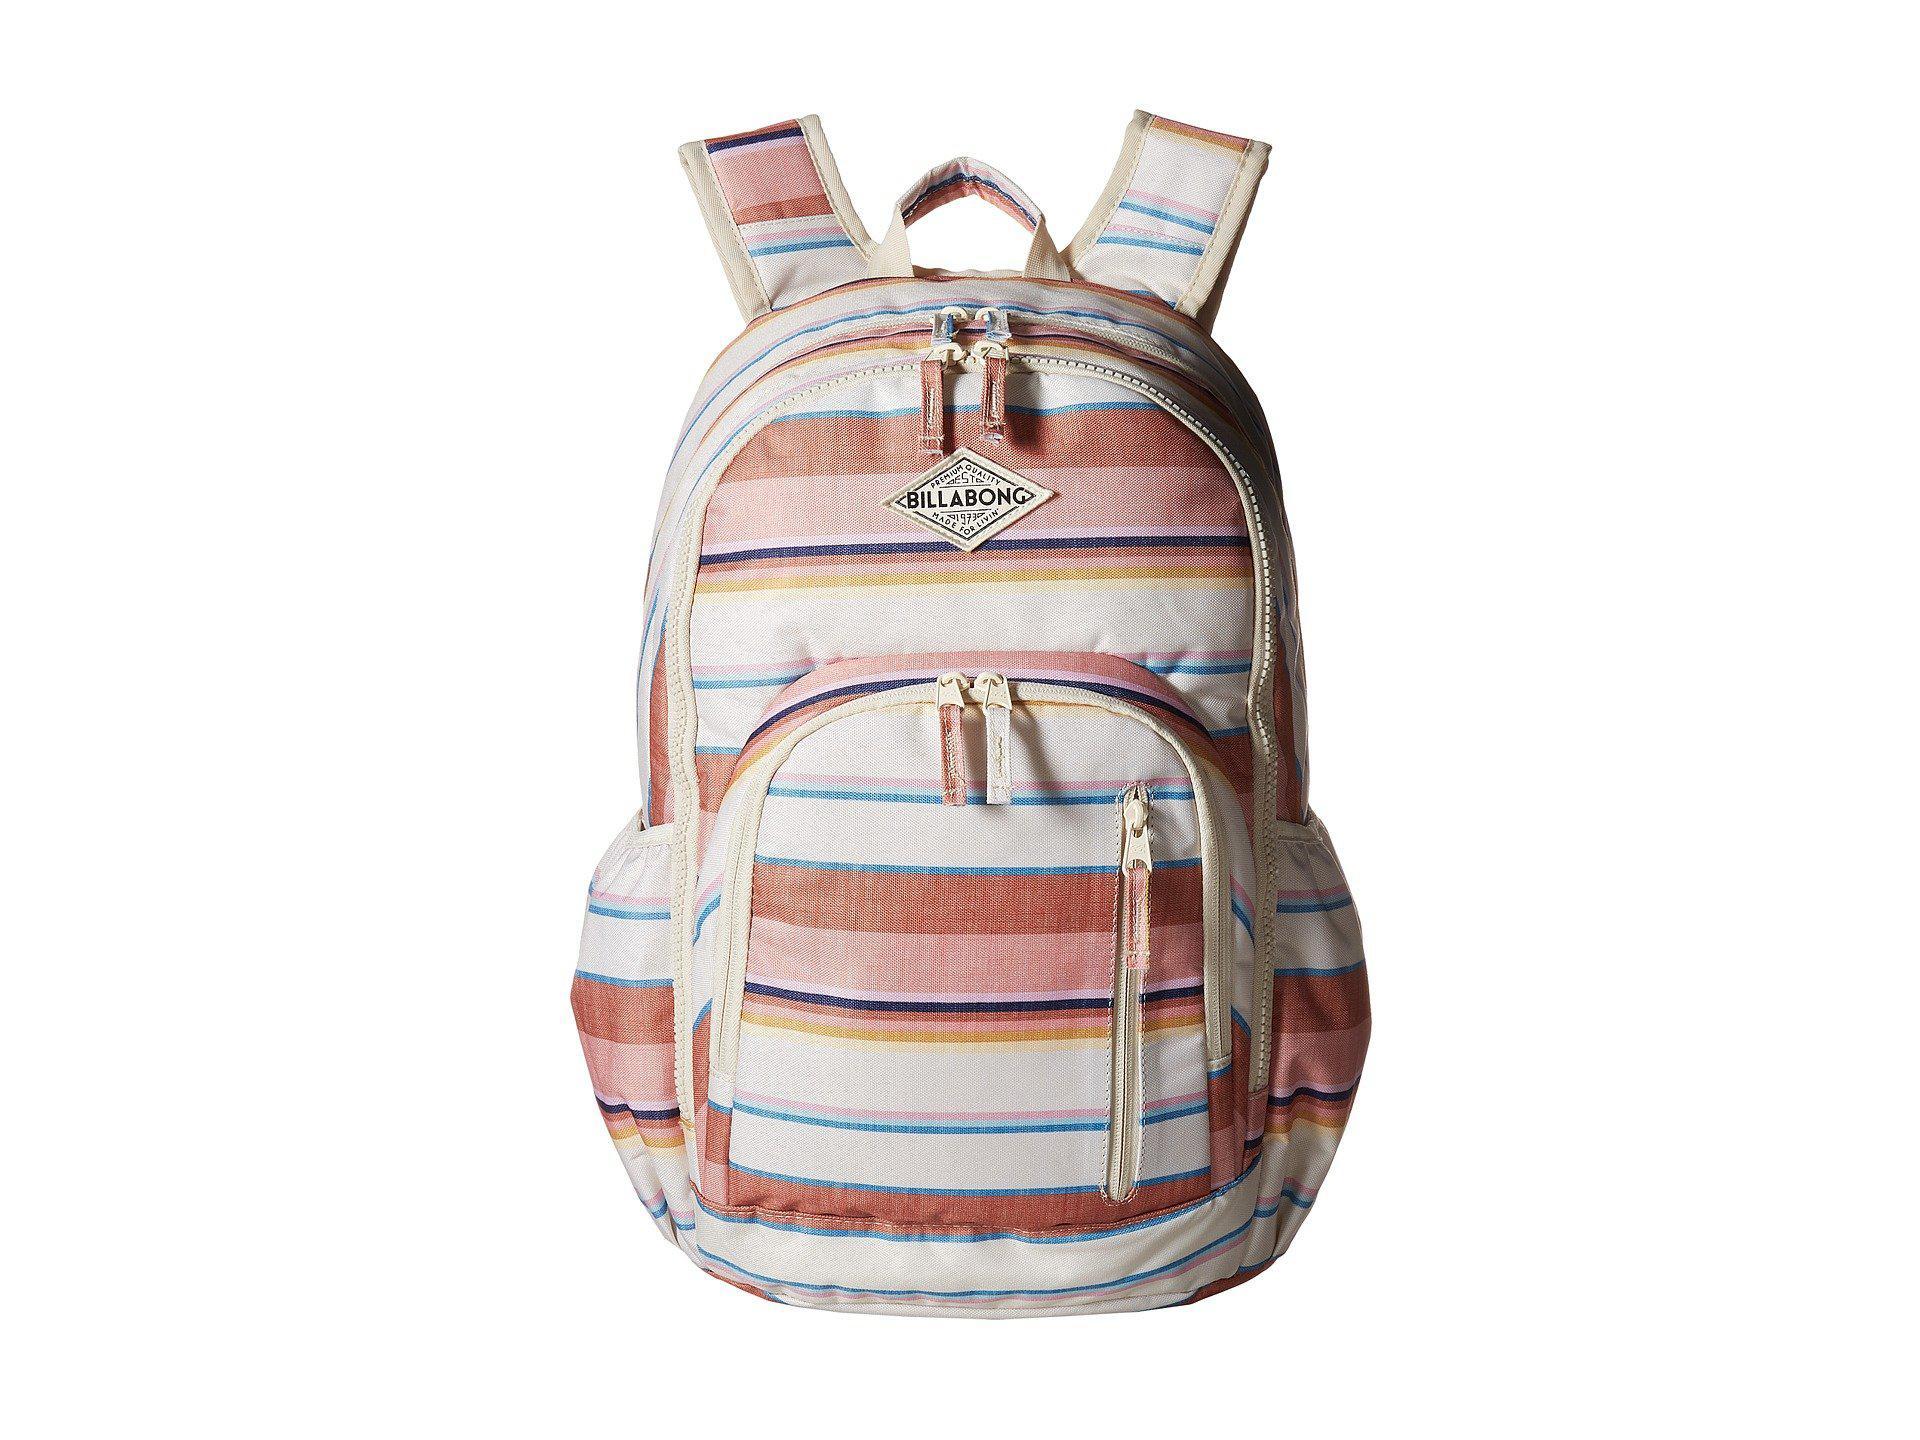 Lyst billabong roadie backpack in white jpg 1920x1440 Billabong roadie  backpack aa5a28838d648